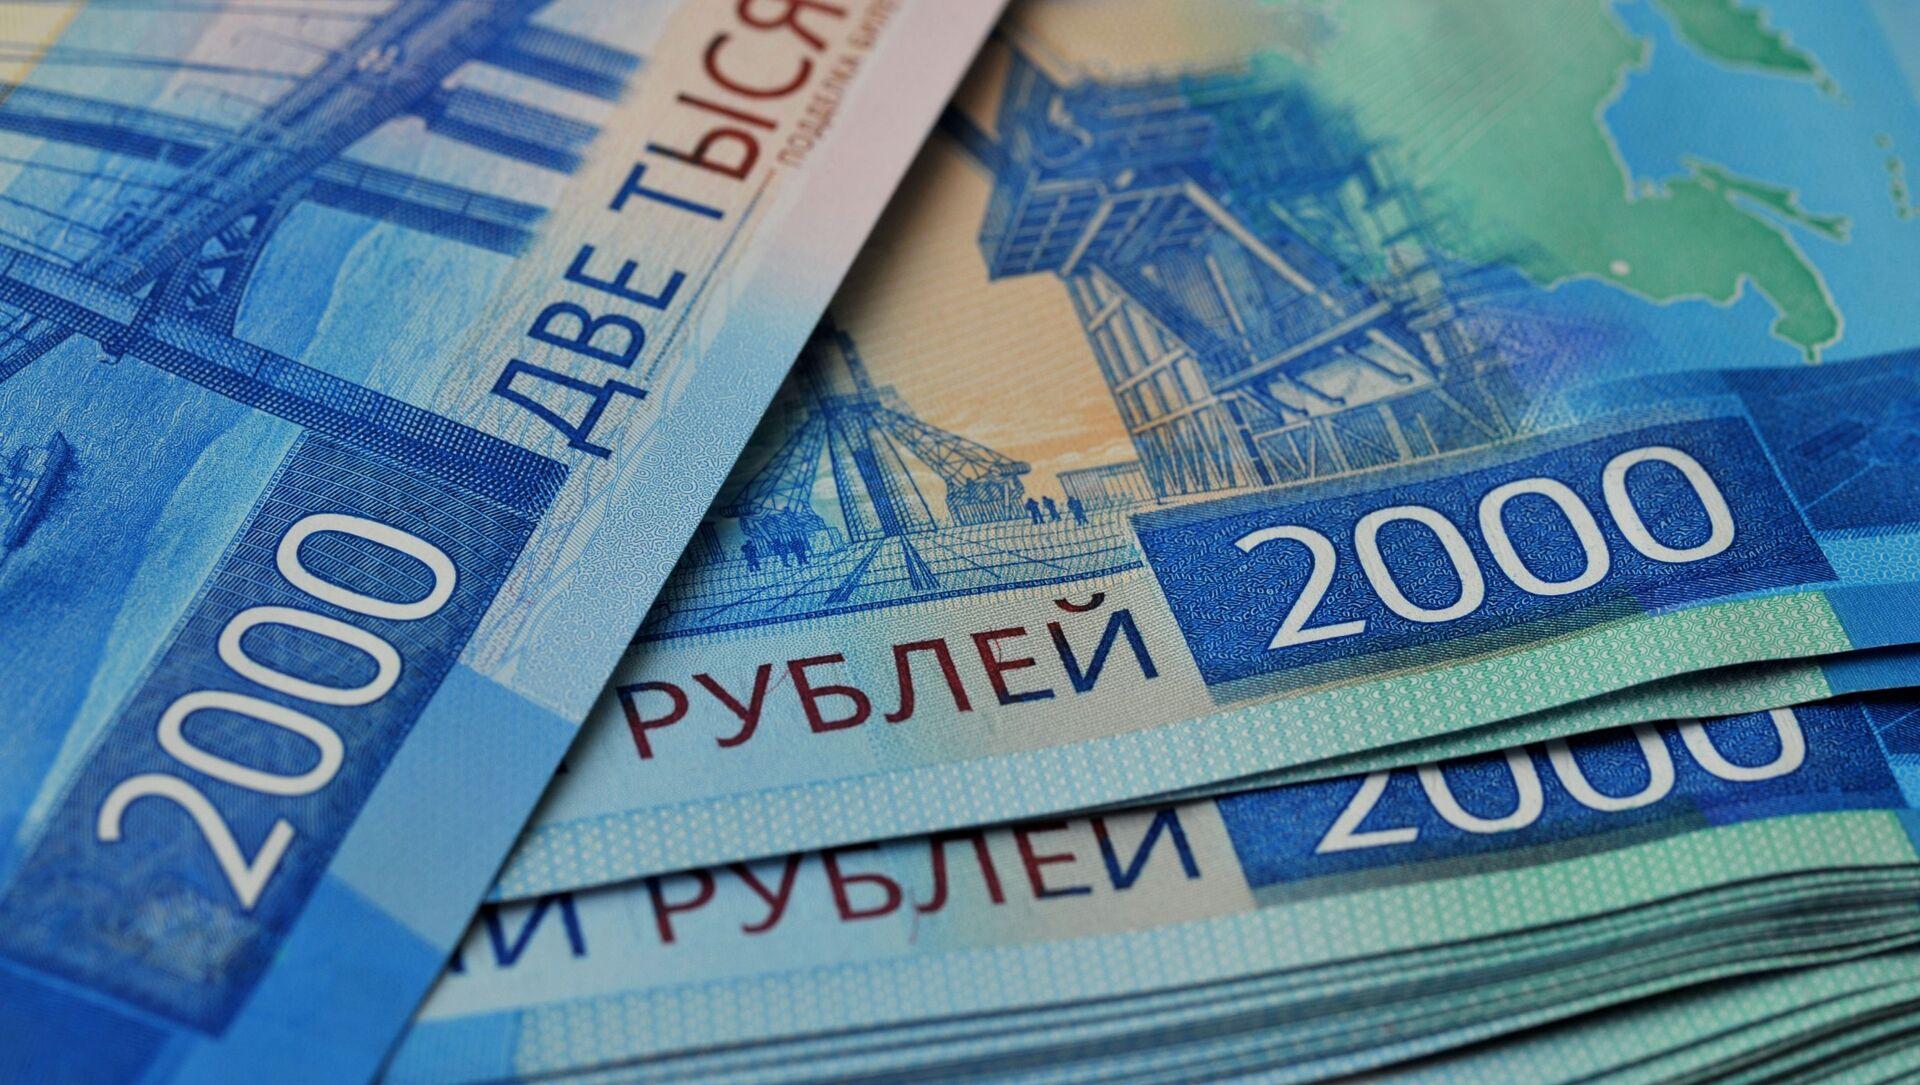 Банкноты номиналом 2000 рублей. - Sputnik Аҧсны, 1920, 30.06.2021